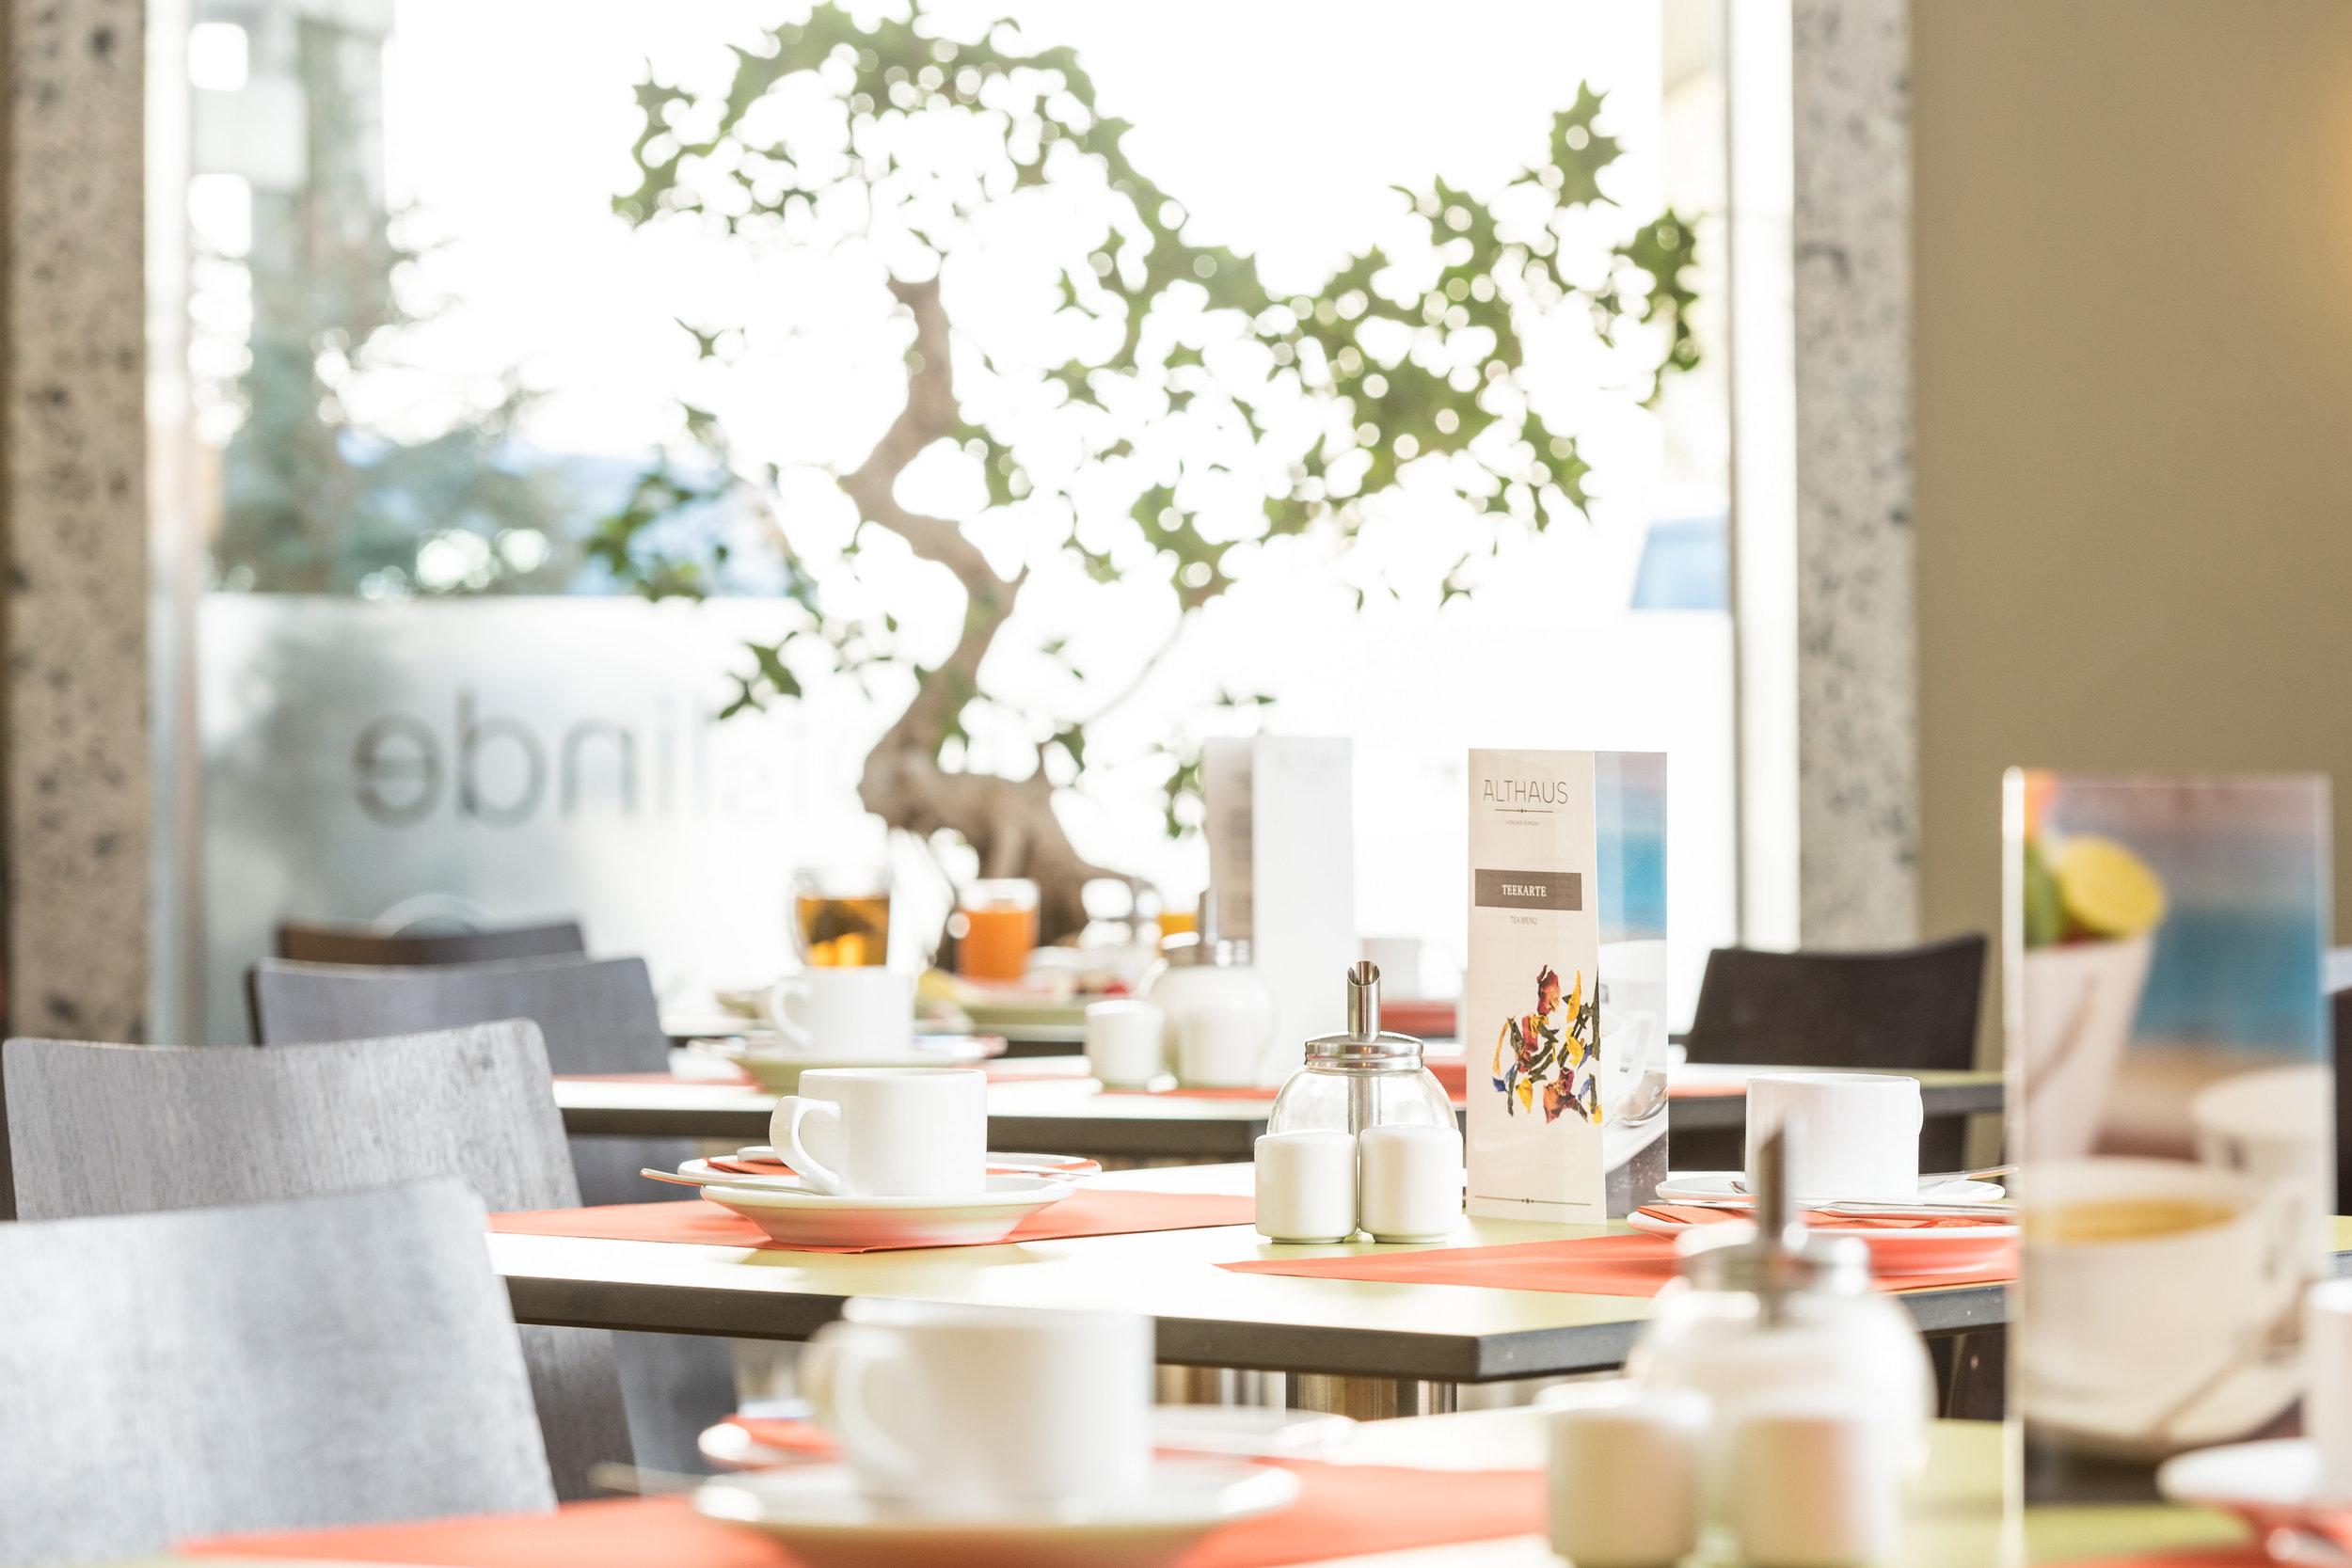 Hotel Bischofslinde - 180407 - 3079.jpg